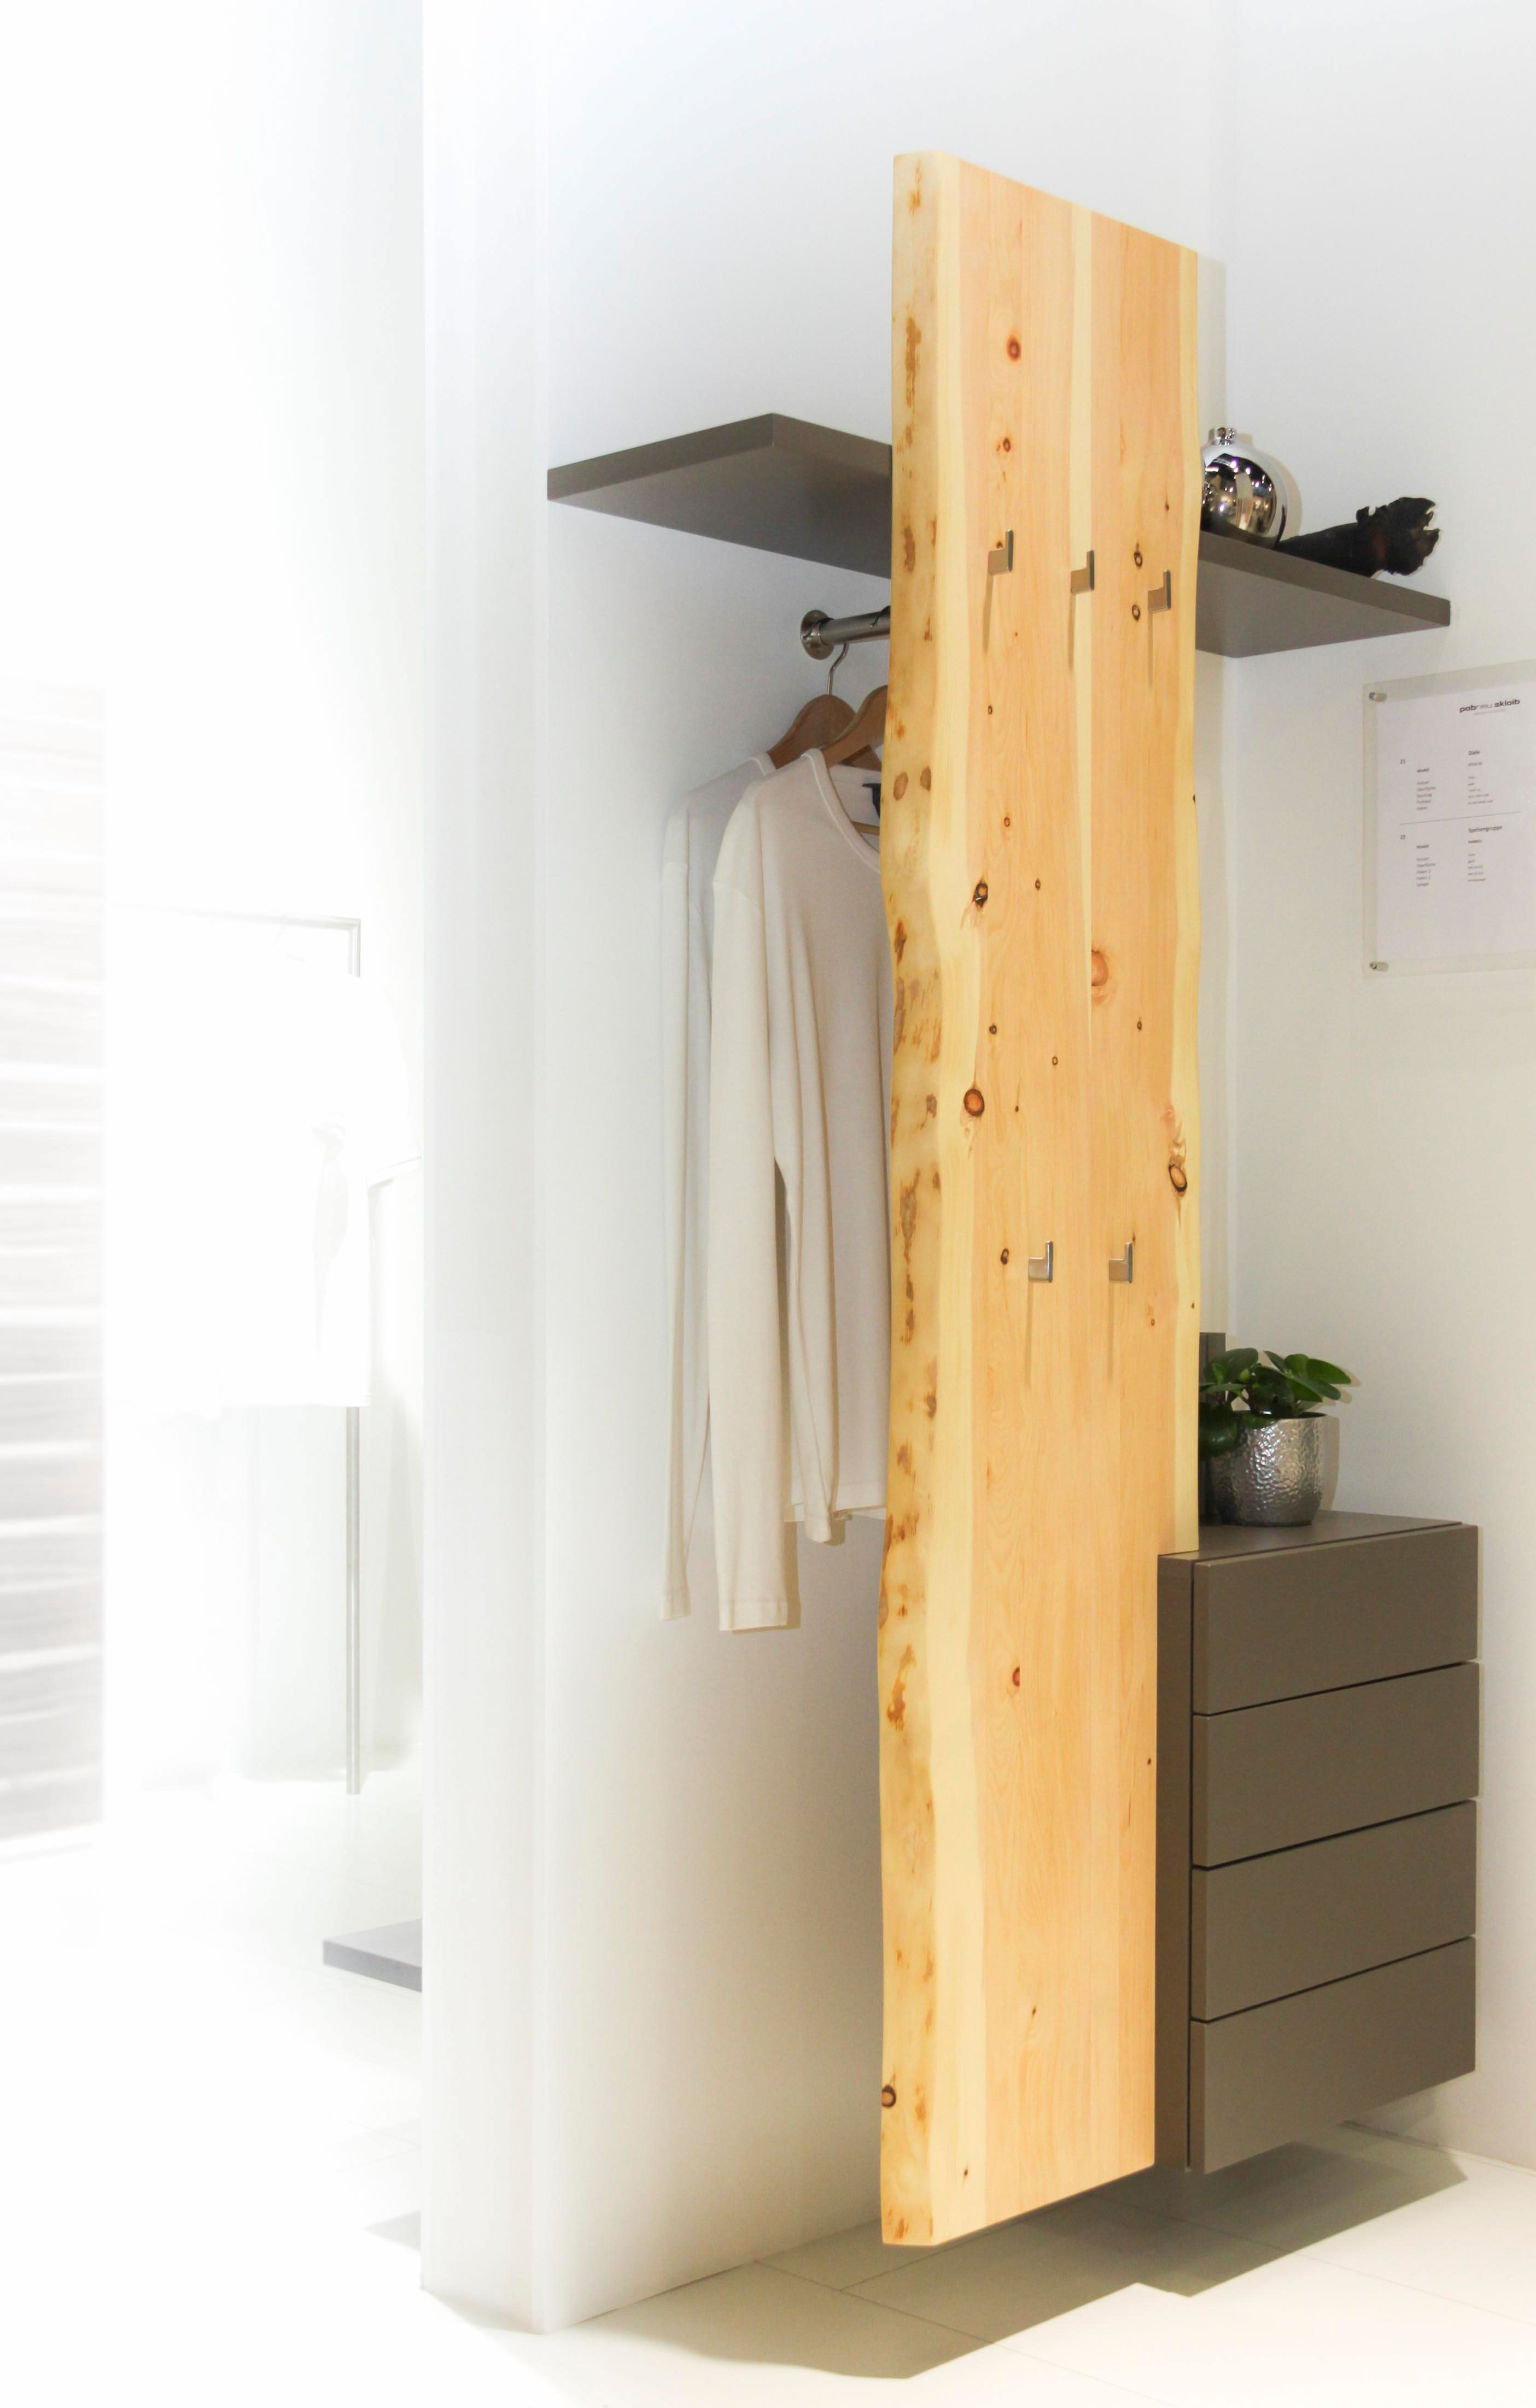 garderobe  1 | Deutsche Dekor 2019 - Wohnkultur | Online Kaufen #dekor